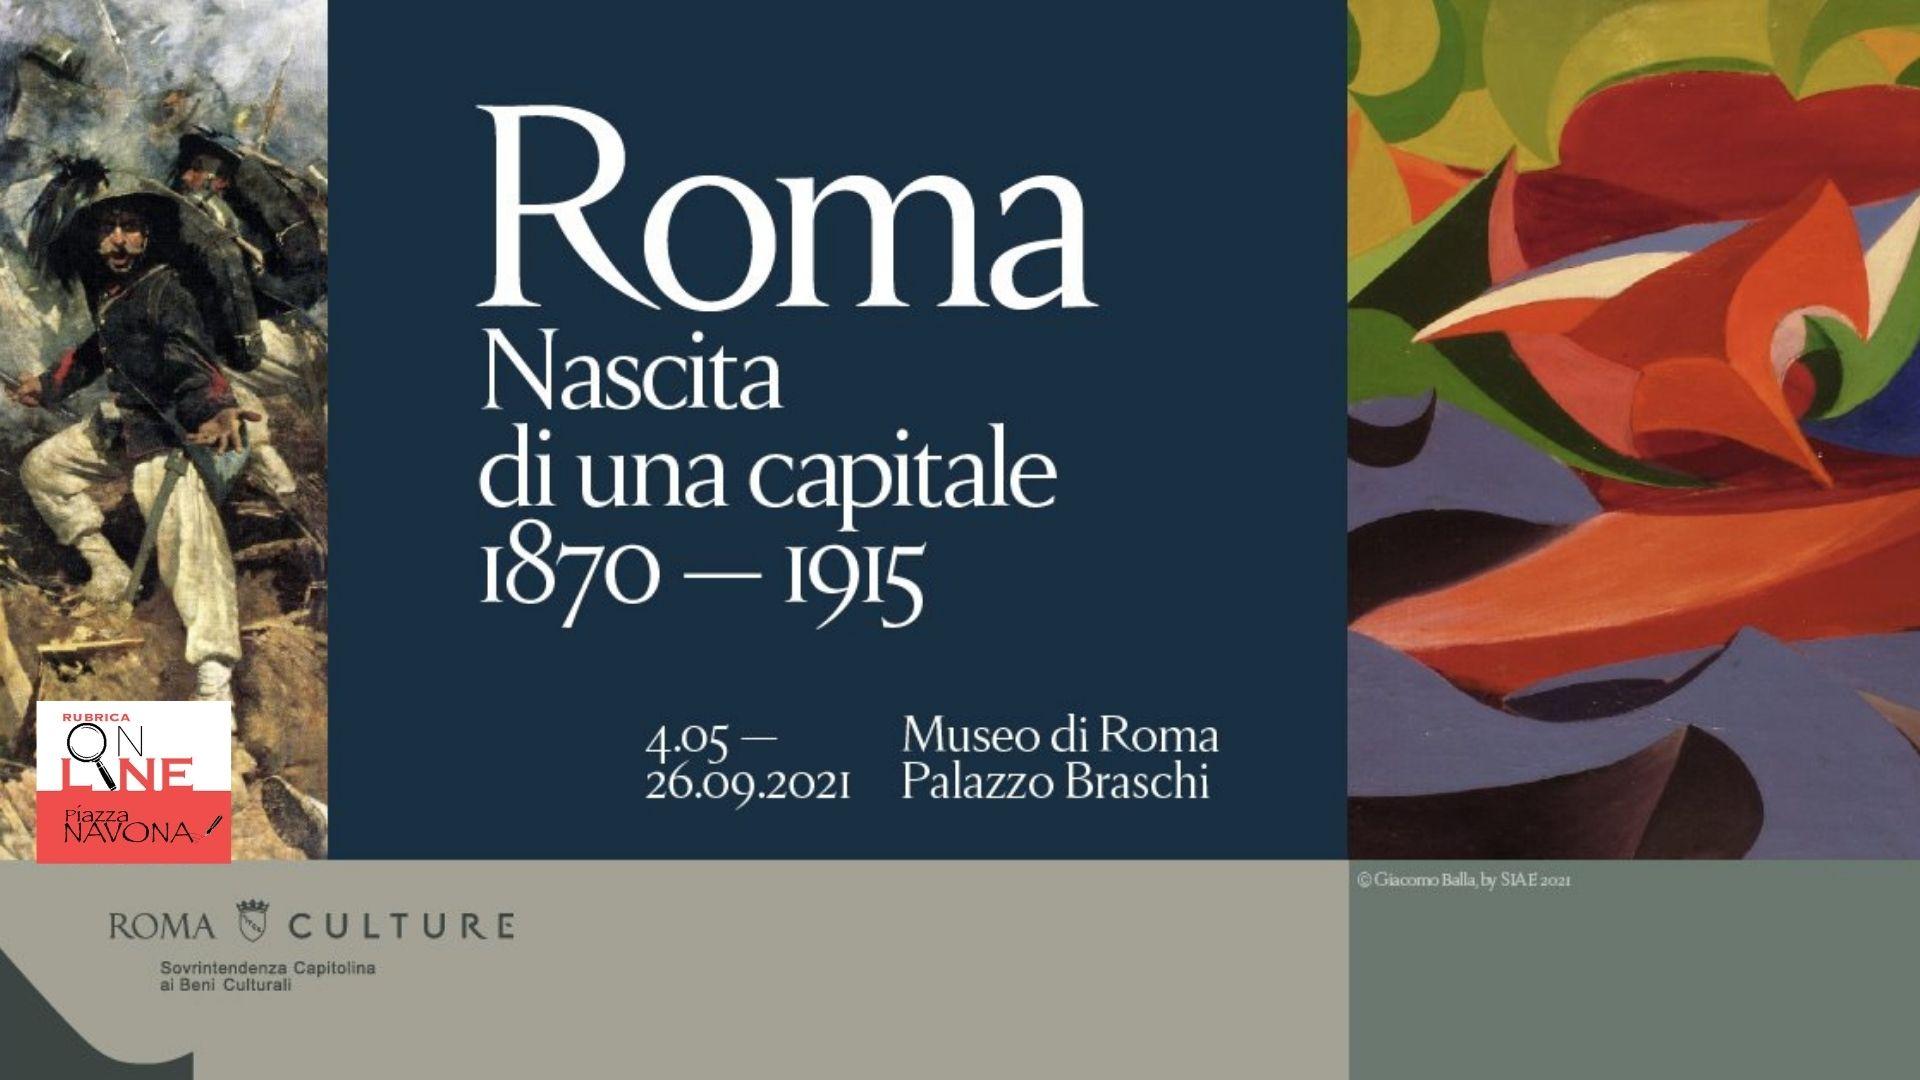 """Roma. Nascita di una capitale 1870-1915"""", la mostra celebra i 150 anni di Roma Capitale - Chiara Ricci"""